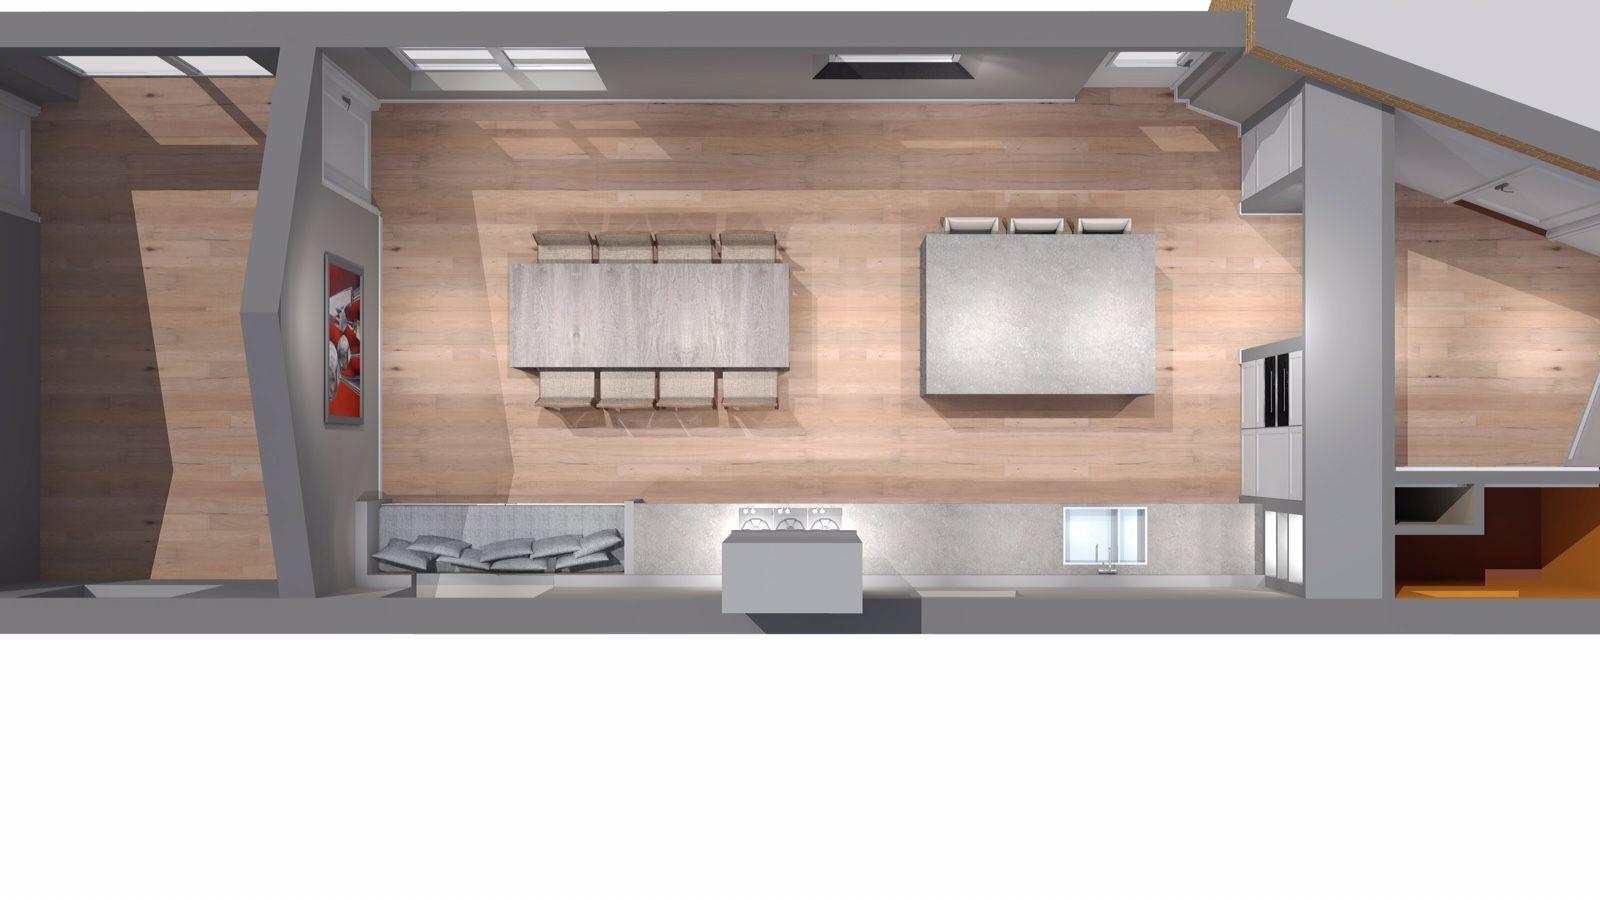 Bovenaanzicht keuken nieuwe woning | ontwerp: Michiel de Zeeuw